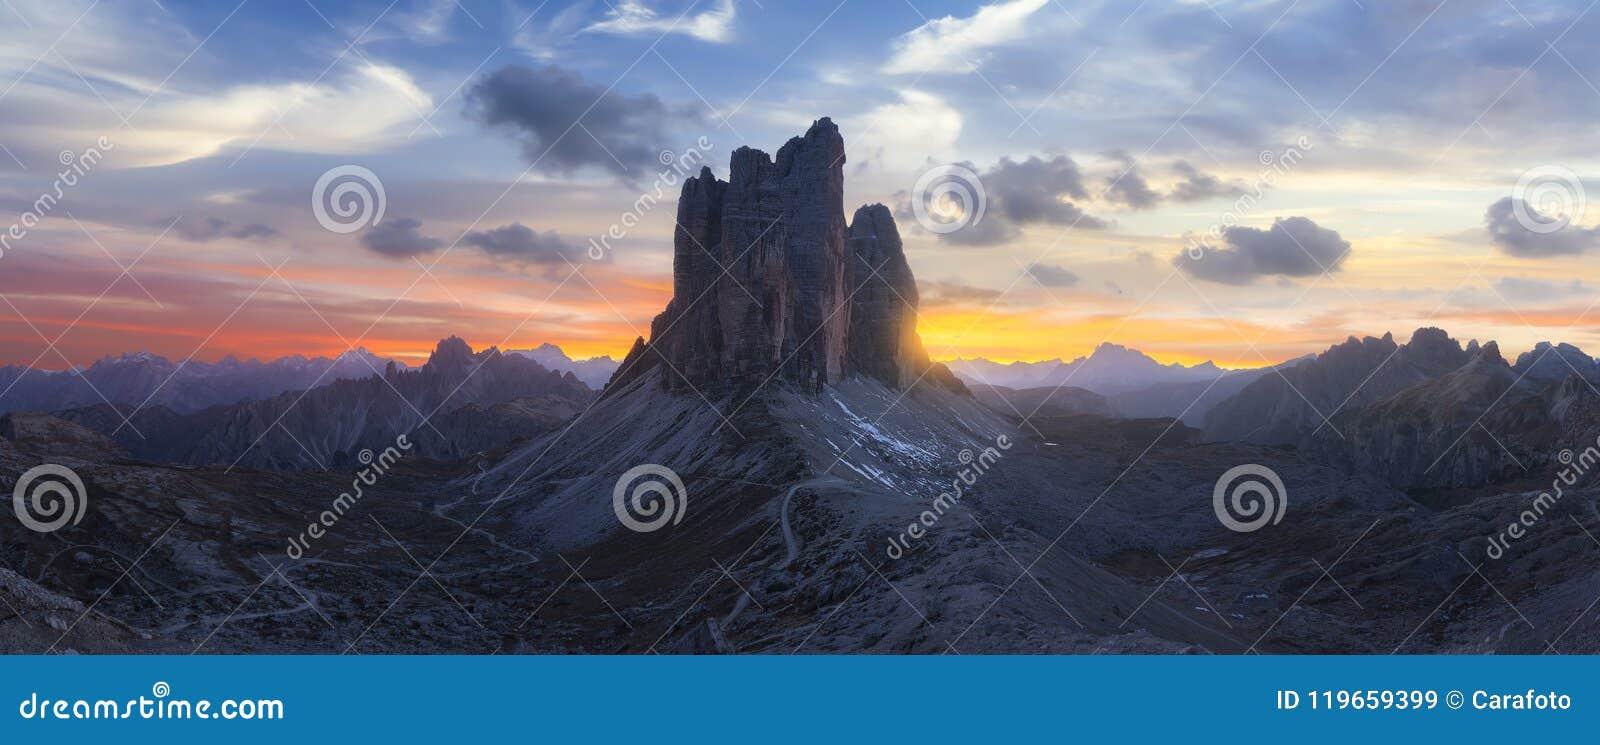 Beau paysage en Italie au coucher du soleil